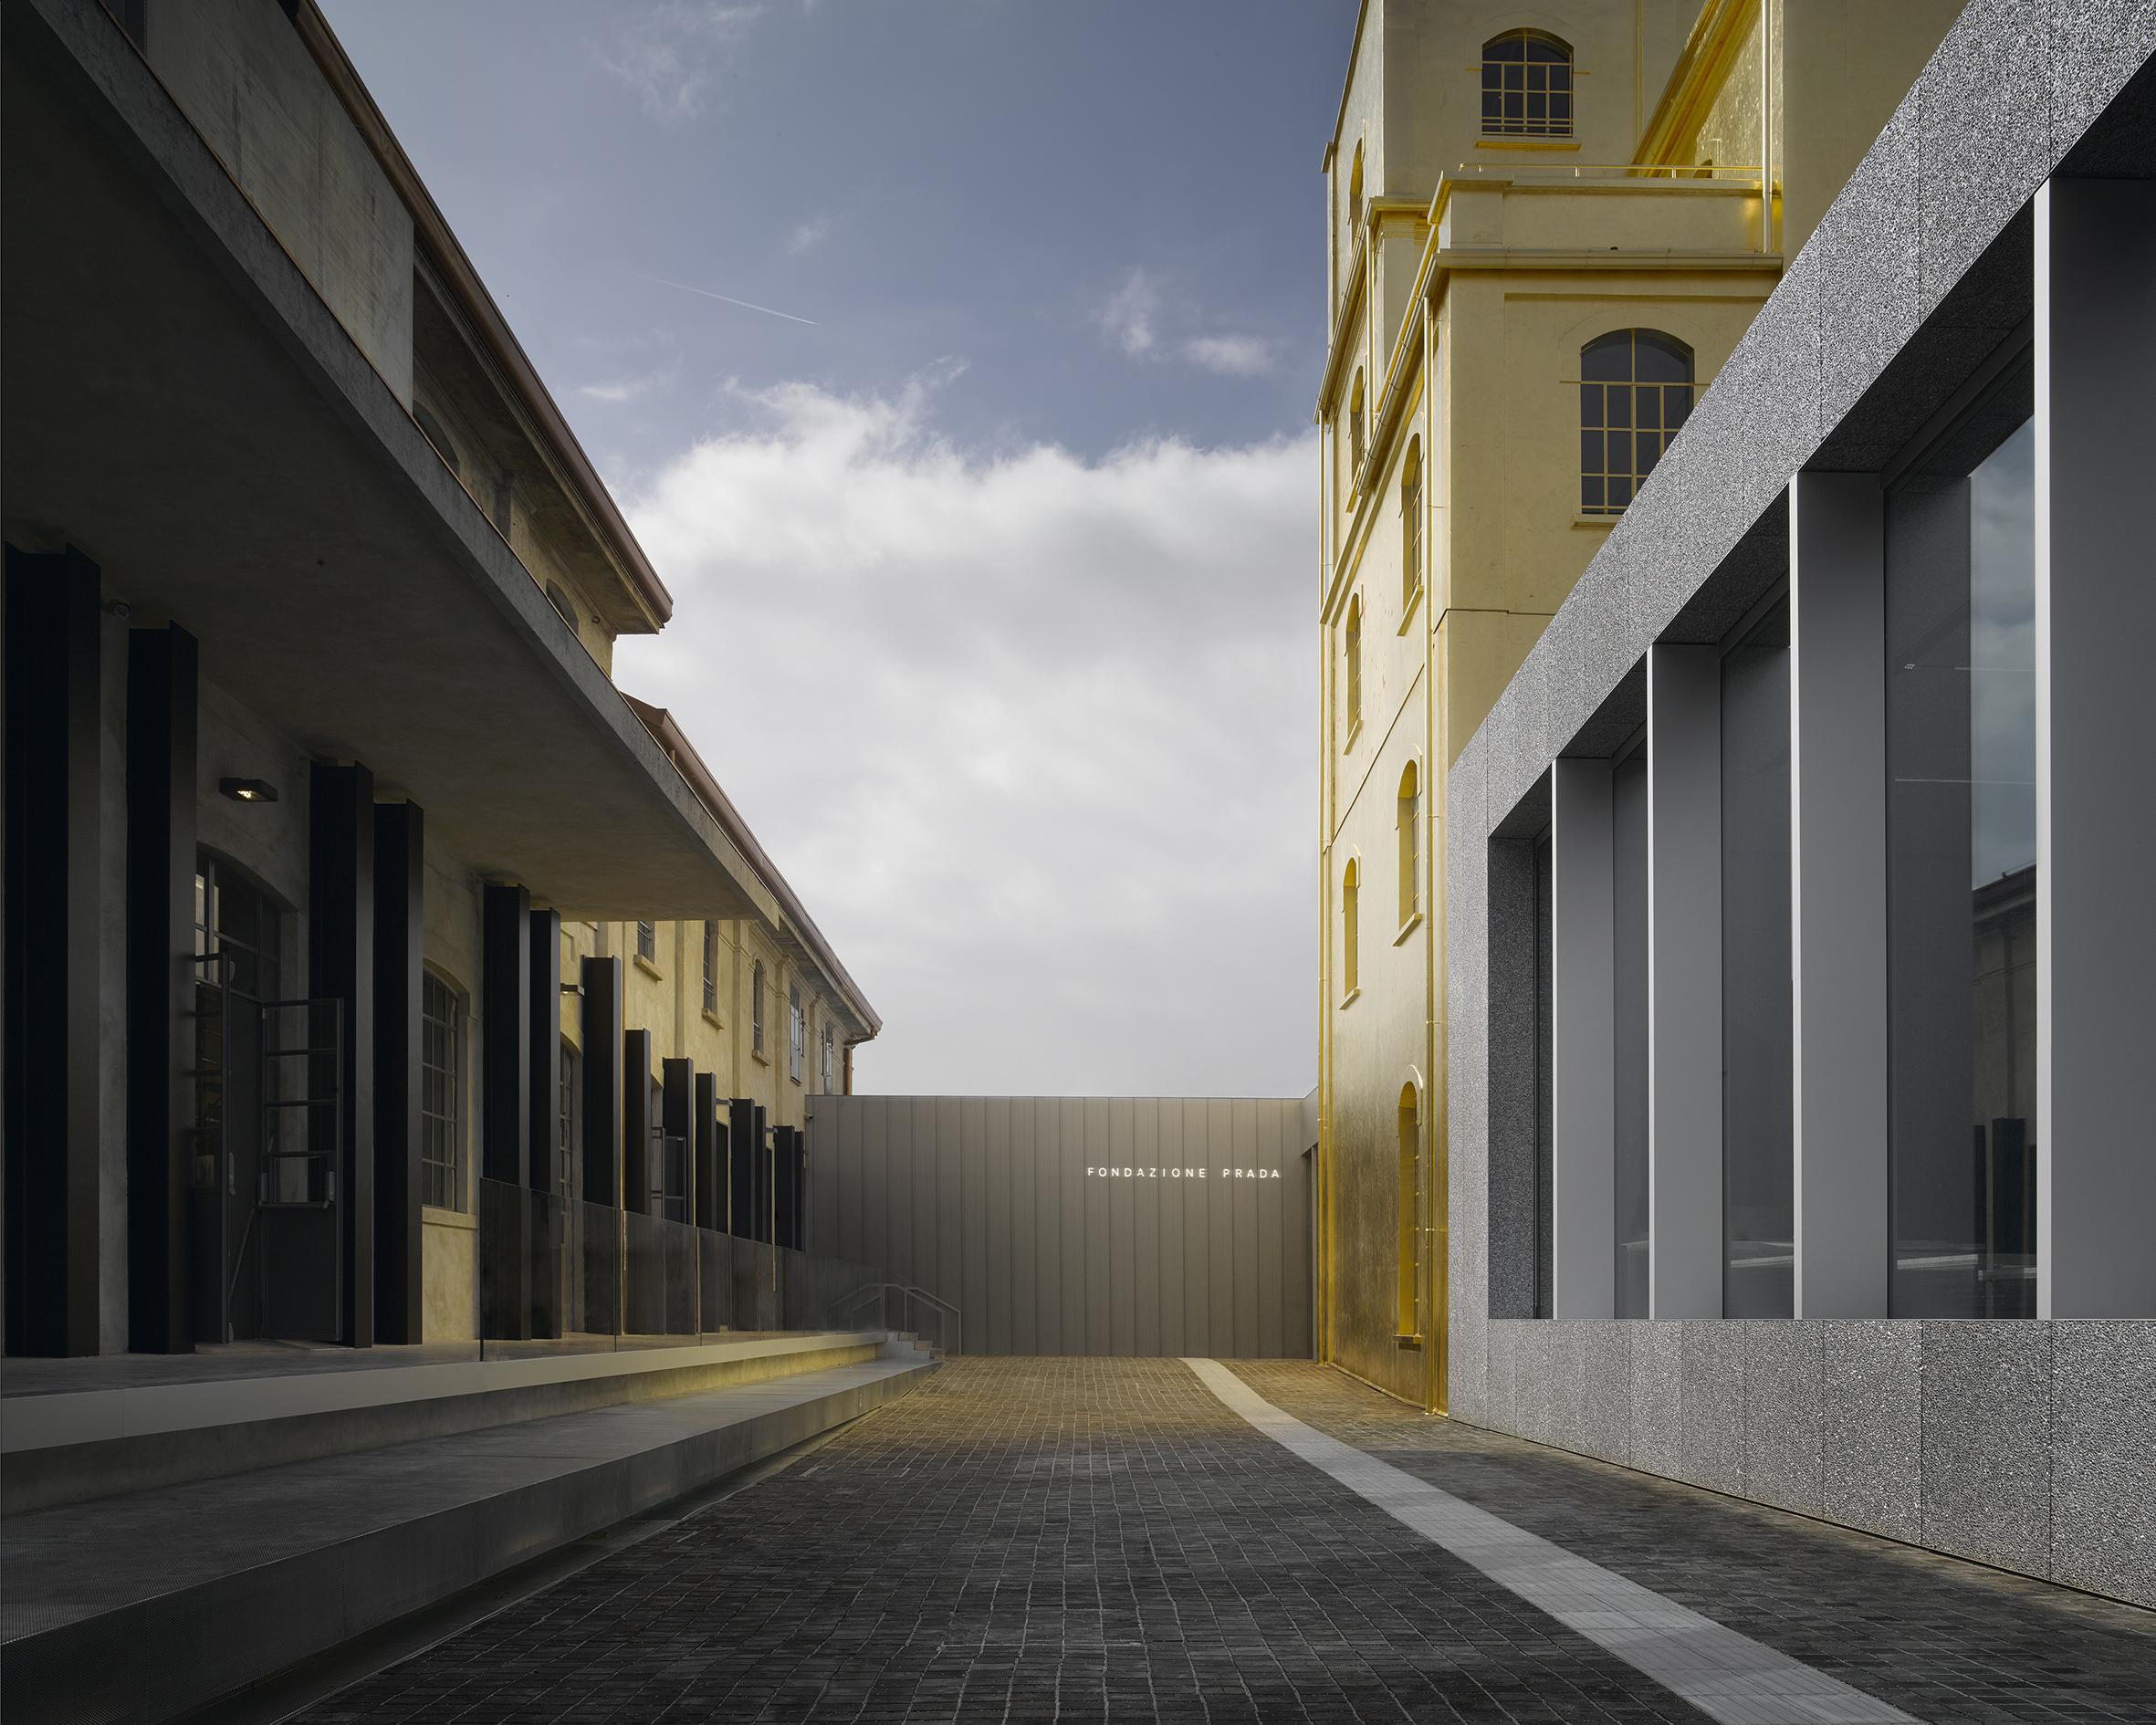 Fondazione Prada_Bas Princen_2